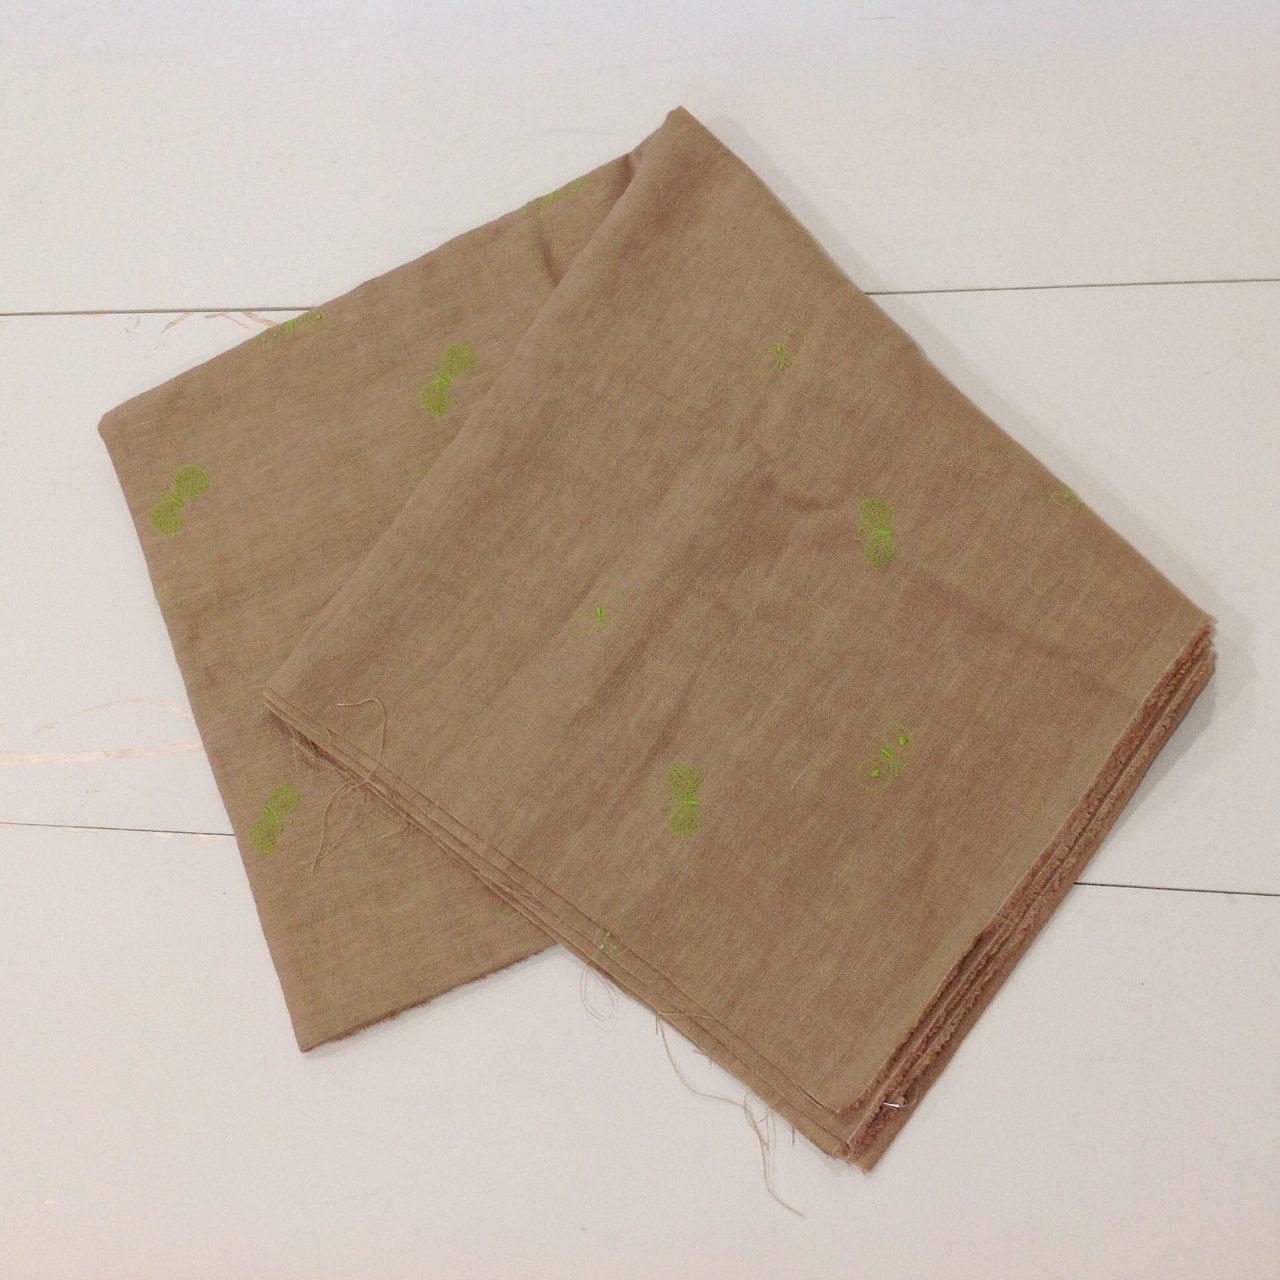 大人気ミナペルホネンのchoucho柄の布地